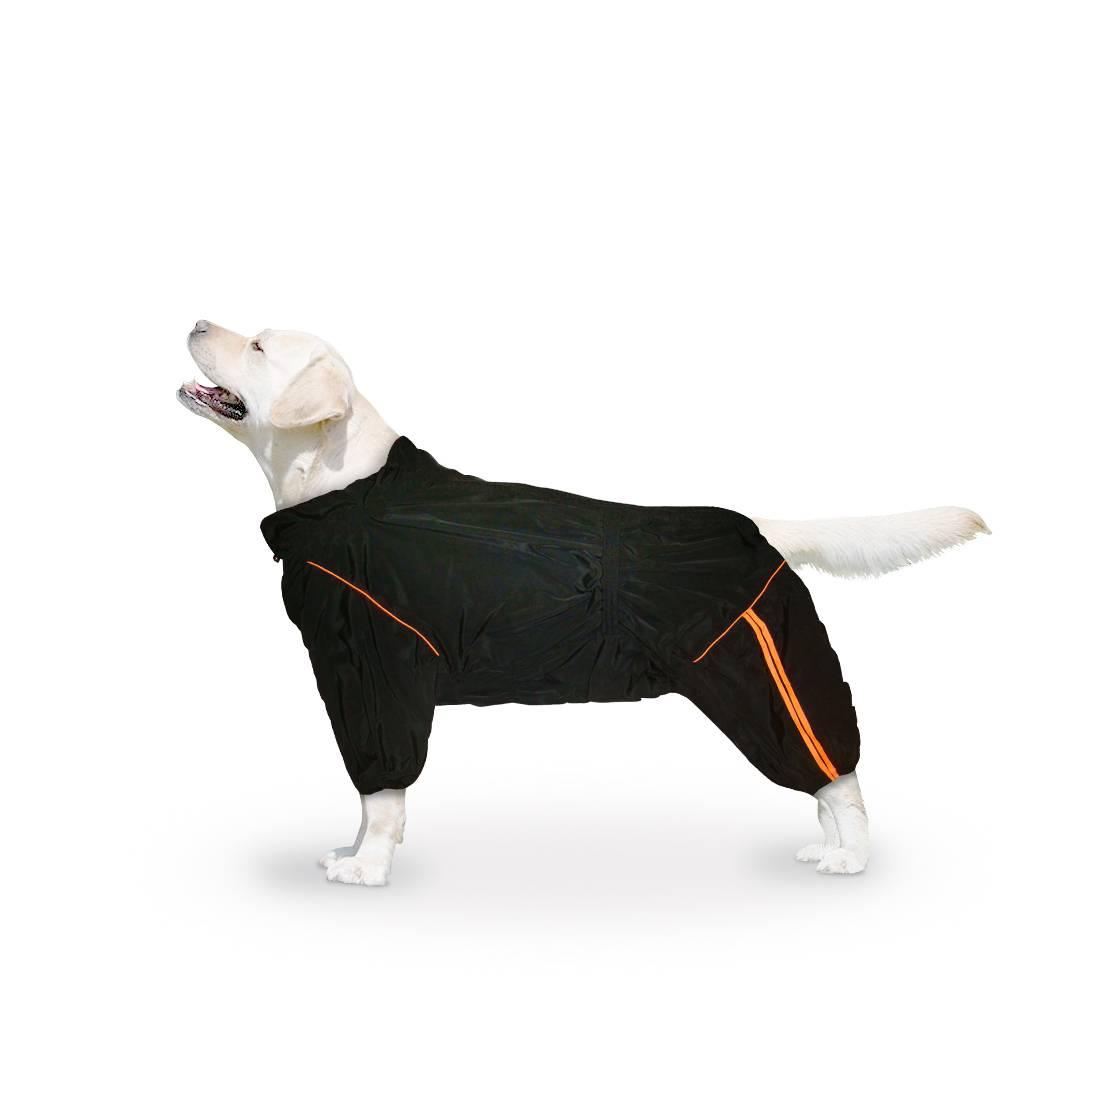 Средние породы собак, их особенности, виды, названия и фото | живность.ру